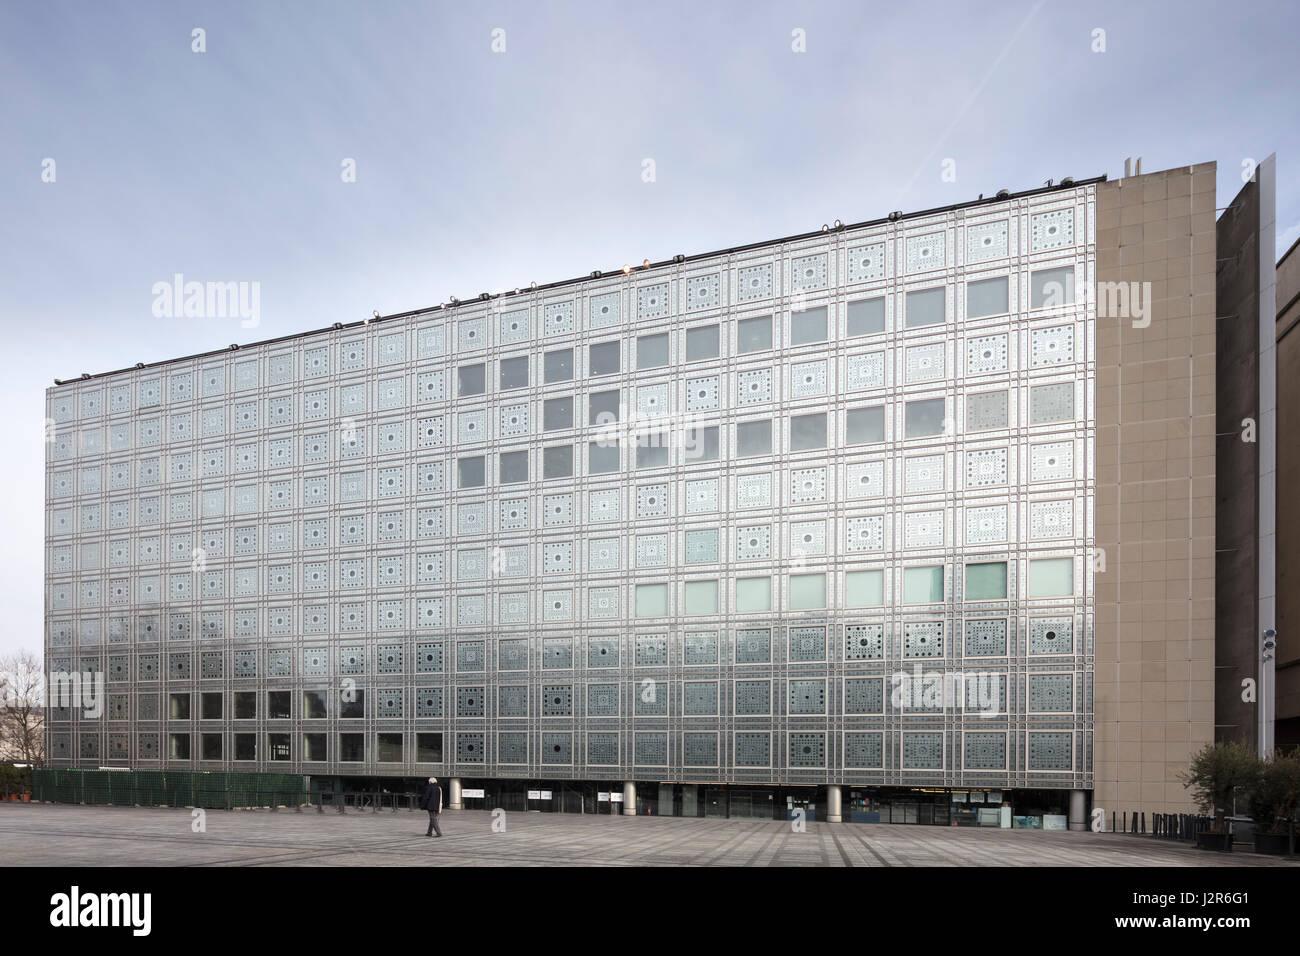 Facade, Institut du monde arabe, Paris, France - Stock Image